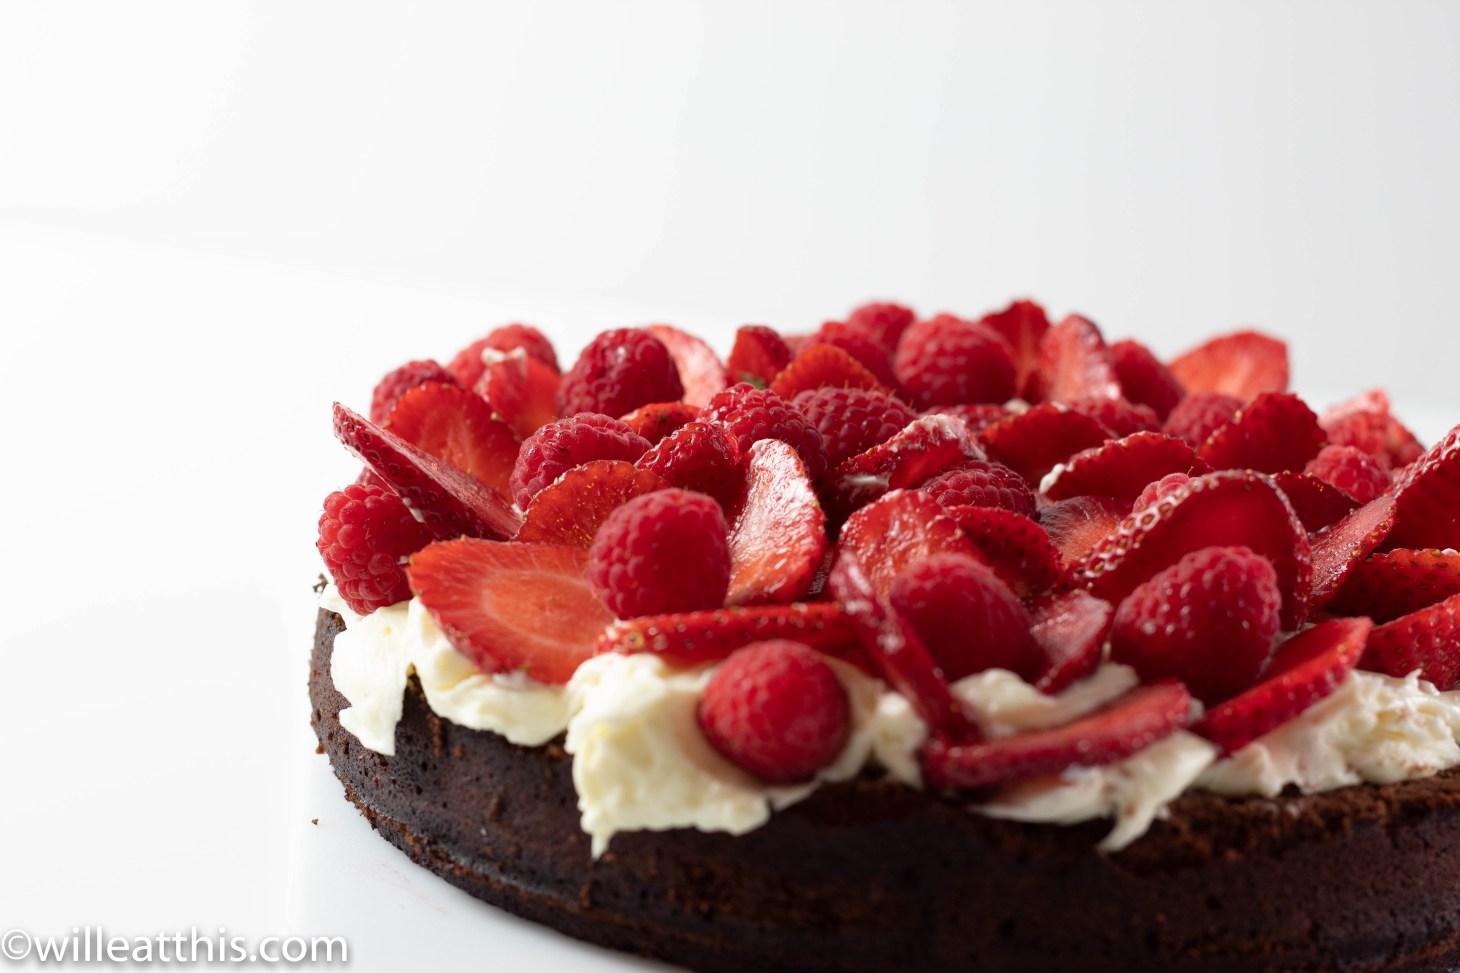 Side Shot of Chocolate Hazelnut cake with Mascarpone Frosting